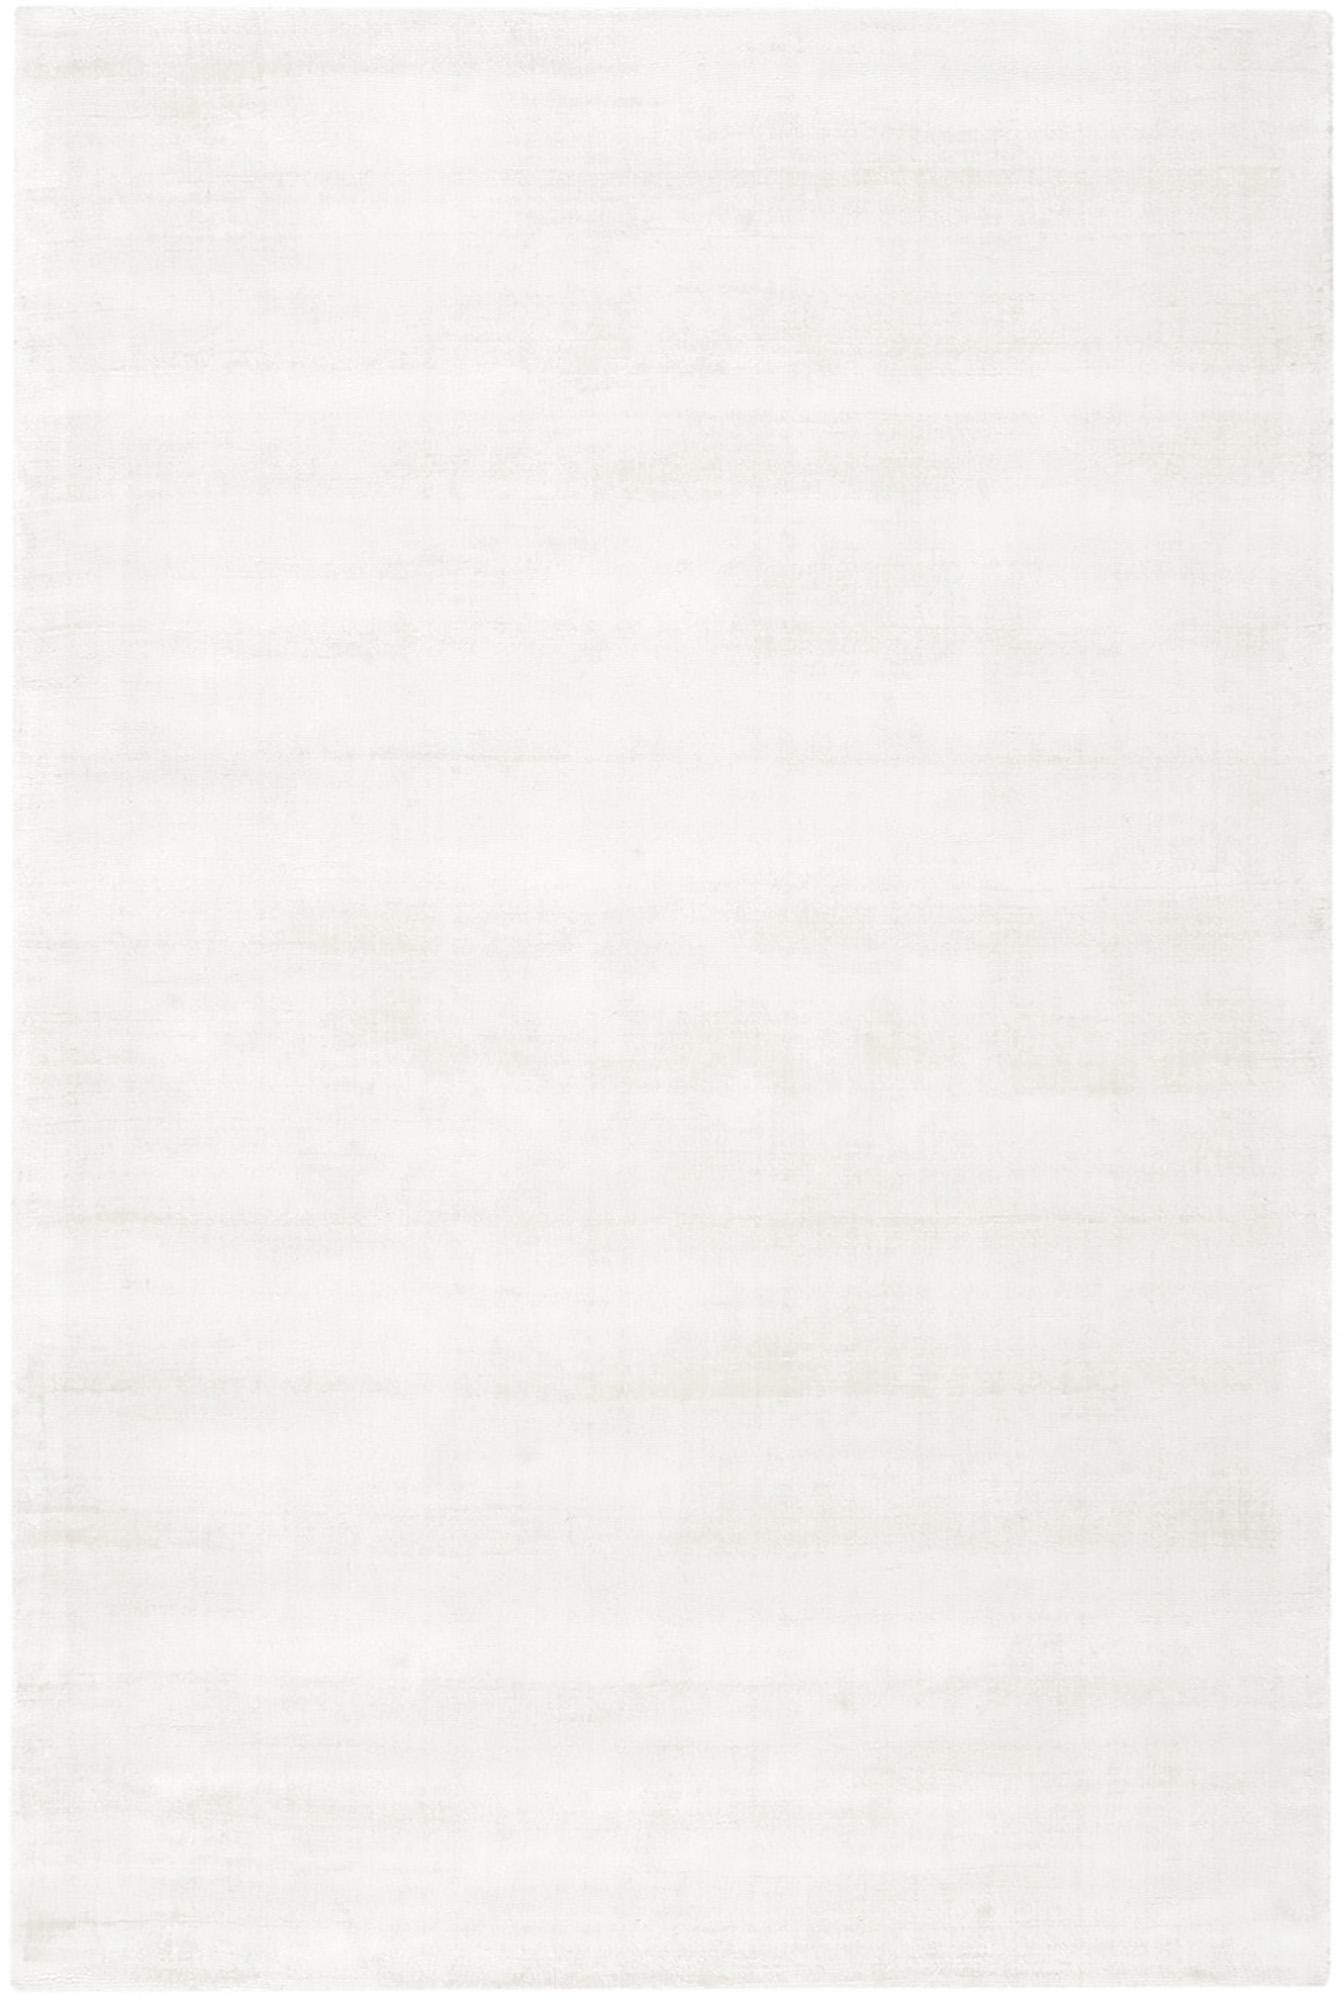 Handgewebter Viskoseteppich Jane in Elfenbeinfarben, Flor: 100% Viskose, Elfenbeinfarben, B 200 x L 300 cm (Größe L)